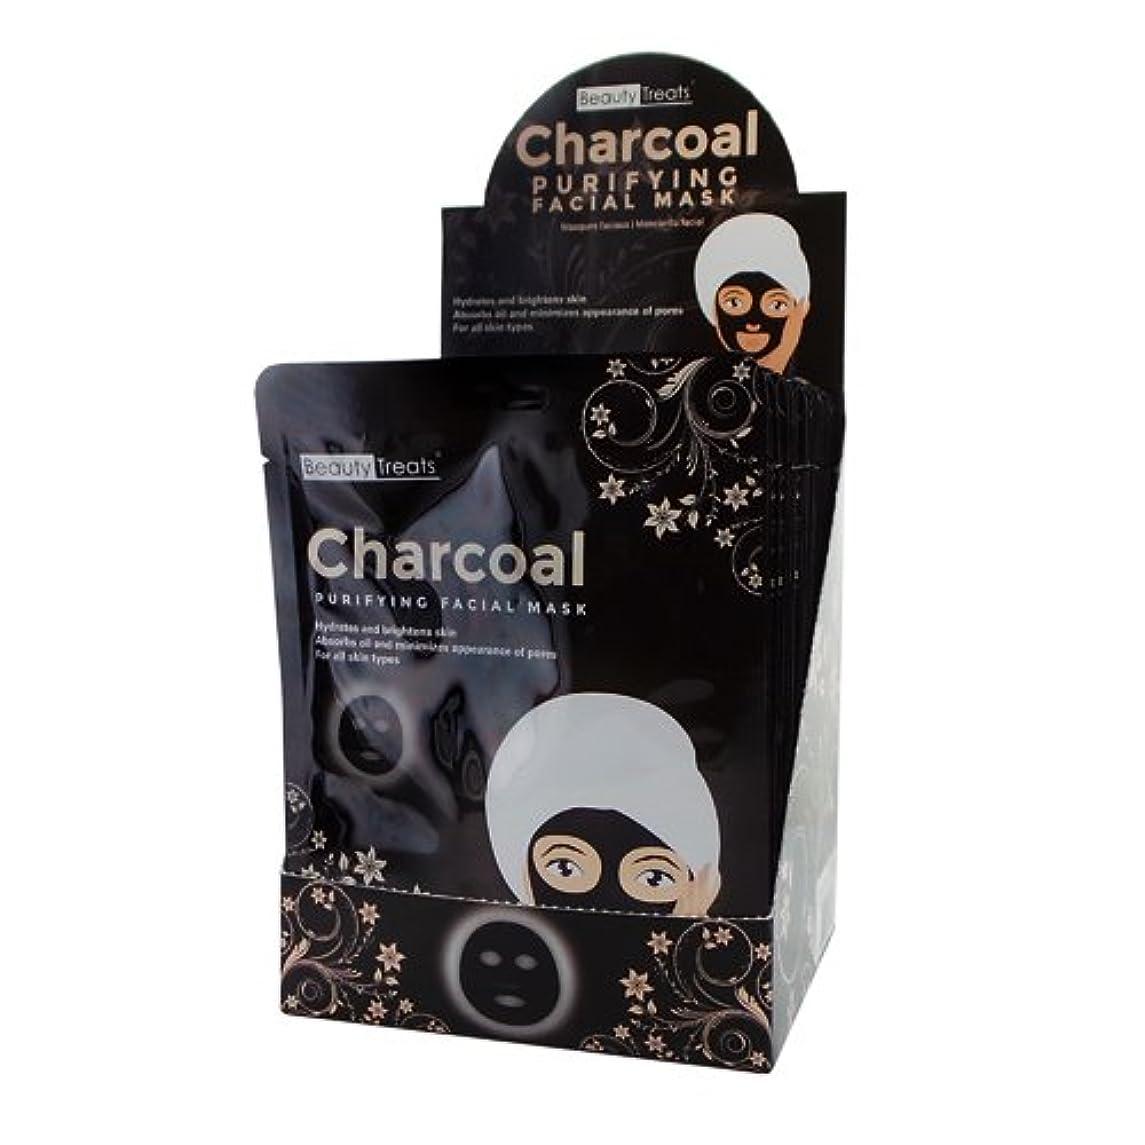 実り多いモンク比喩BEAUTY TREATS Charcoal Purifying Facial Mask Display Box - 24 Pieces (並行輸入品)